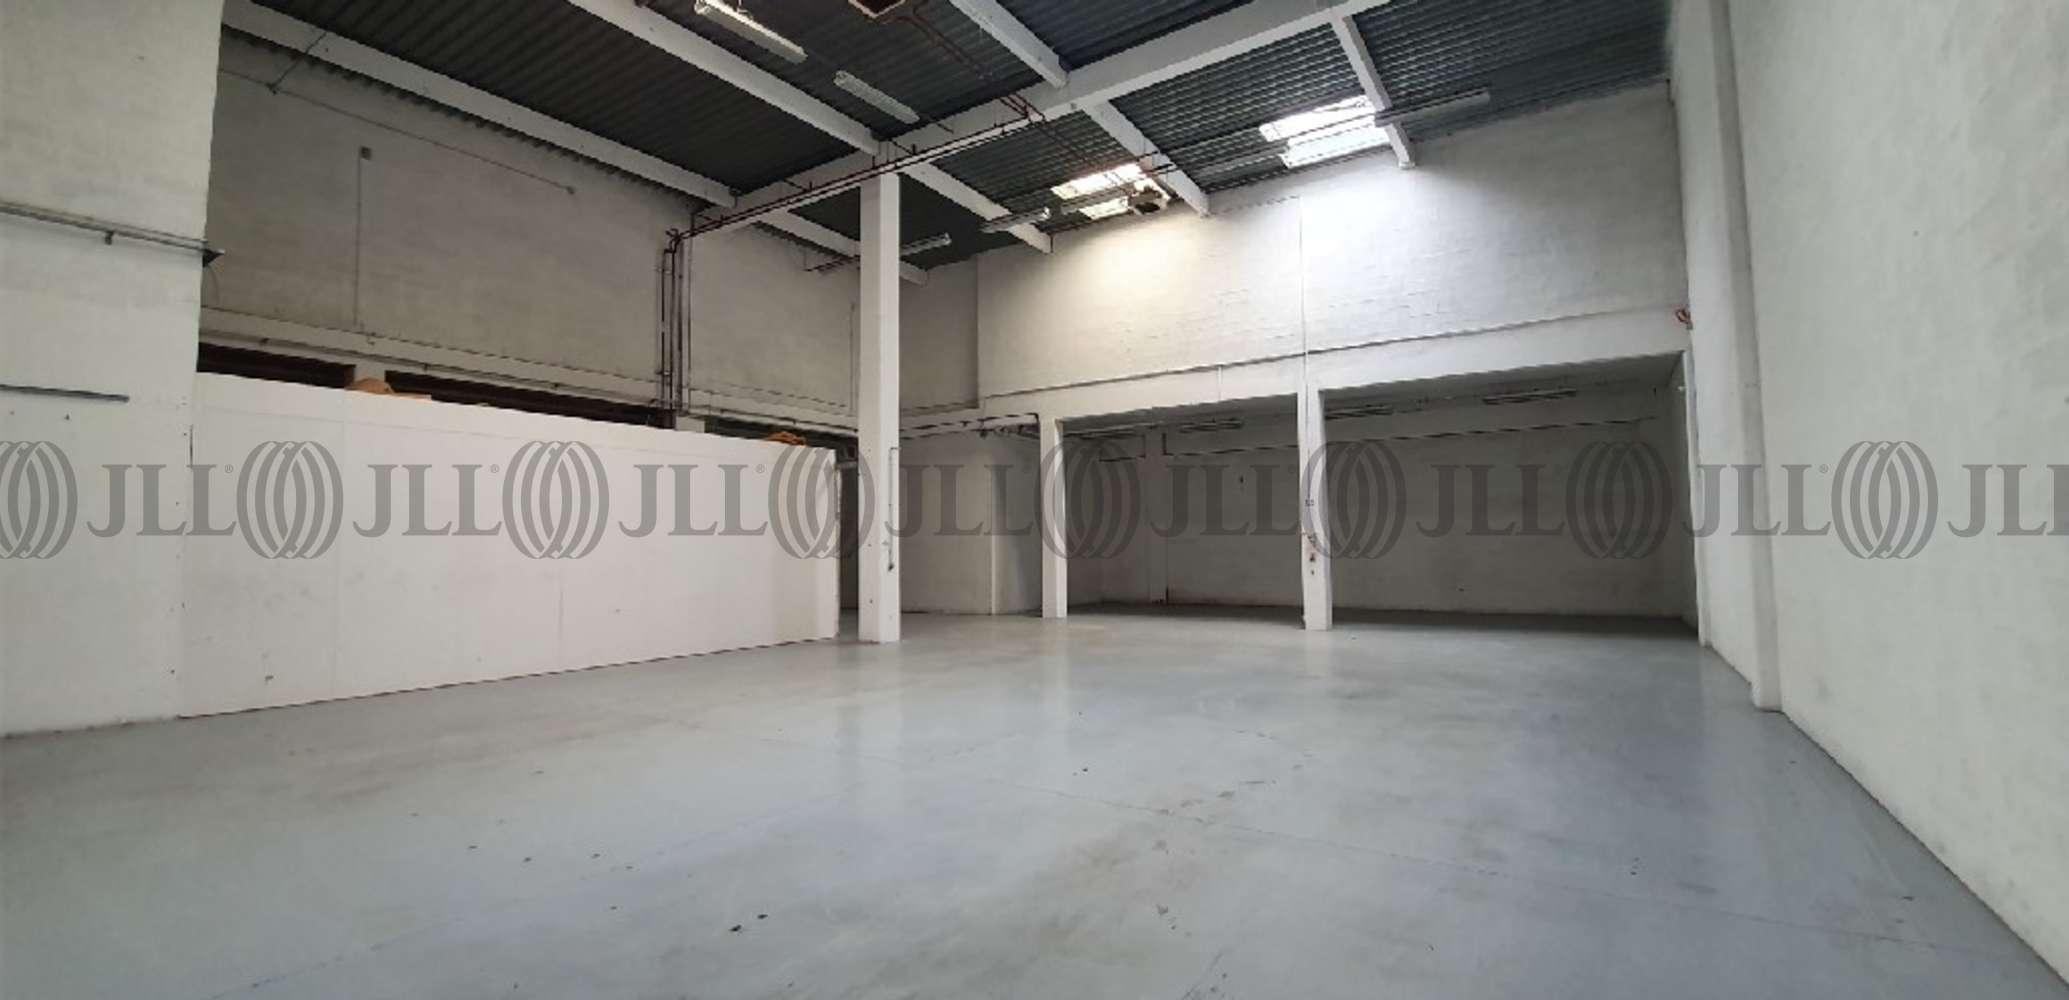 Activités/entrepôt Villepinte, 93420 - PARC PARIS NORD 2 - RODIN